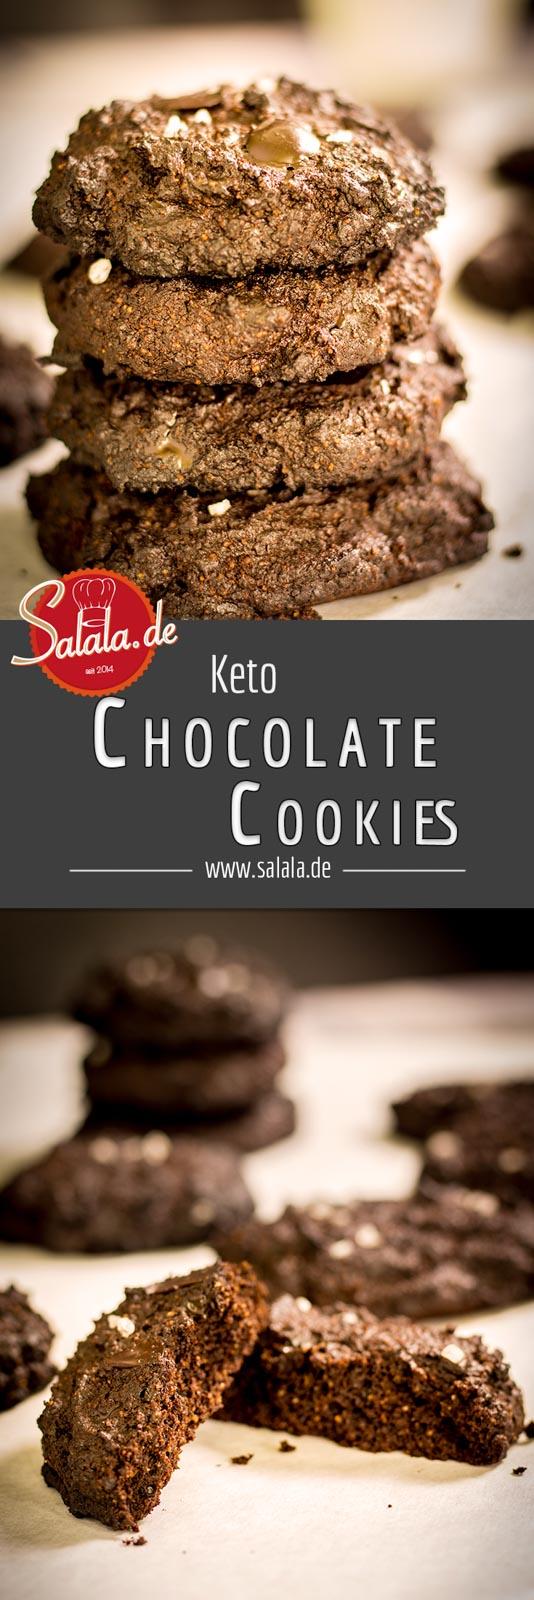 Keto Chocolate Cookies - by salala.de - Rezept Low Carb und glutenfrei ohne Mehl und Zucker